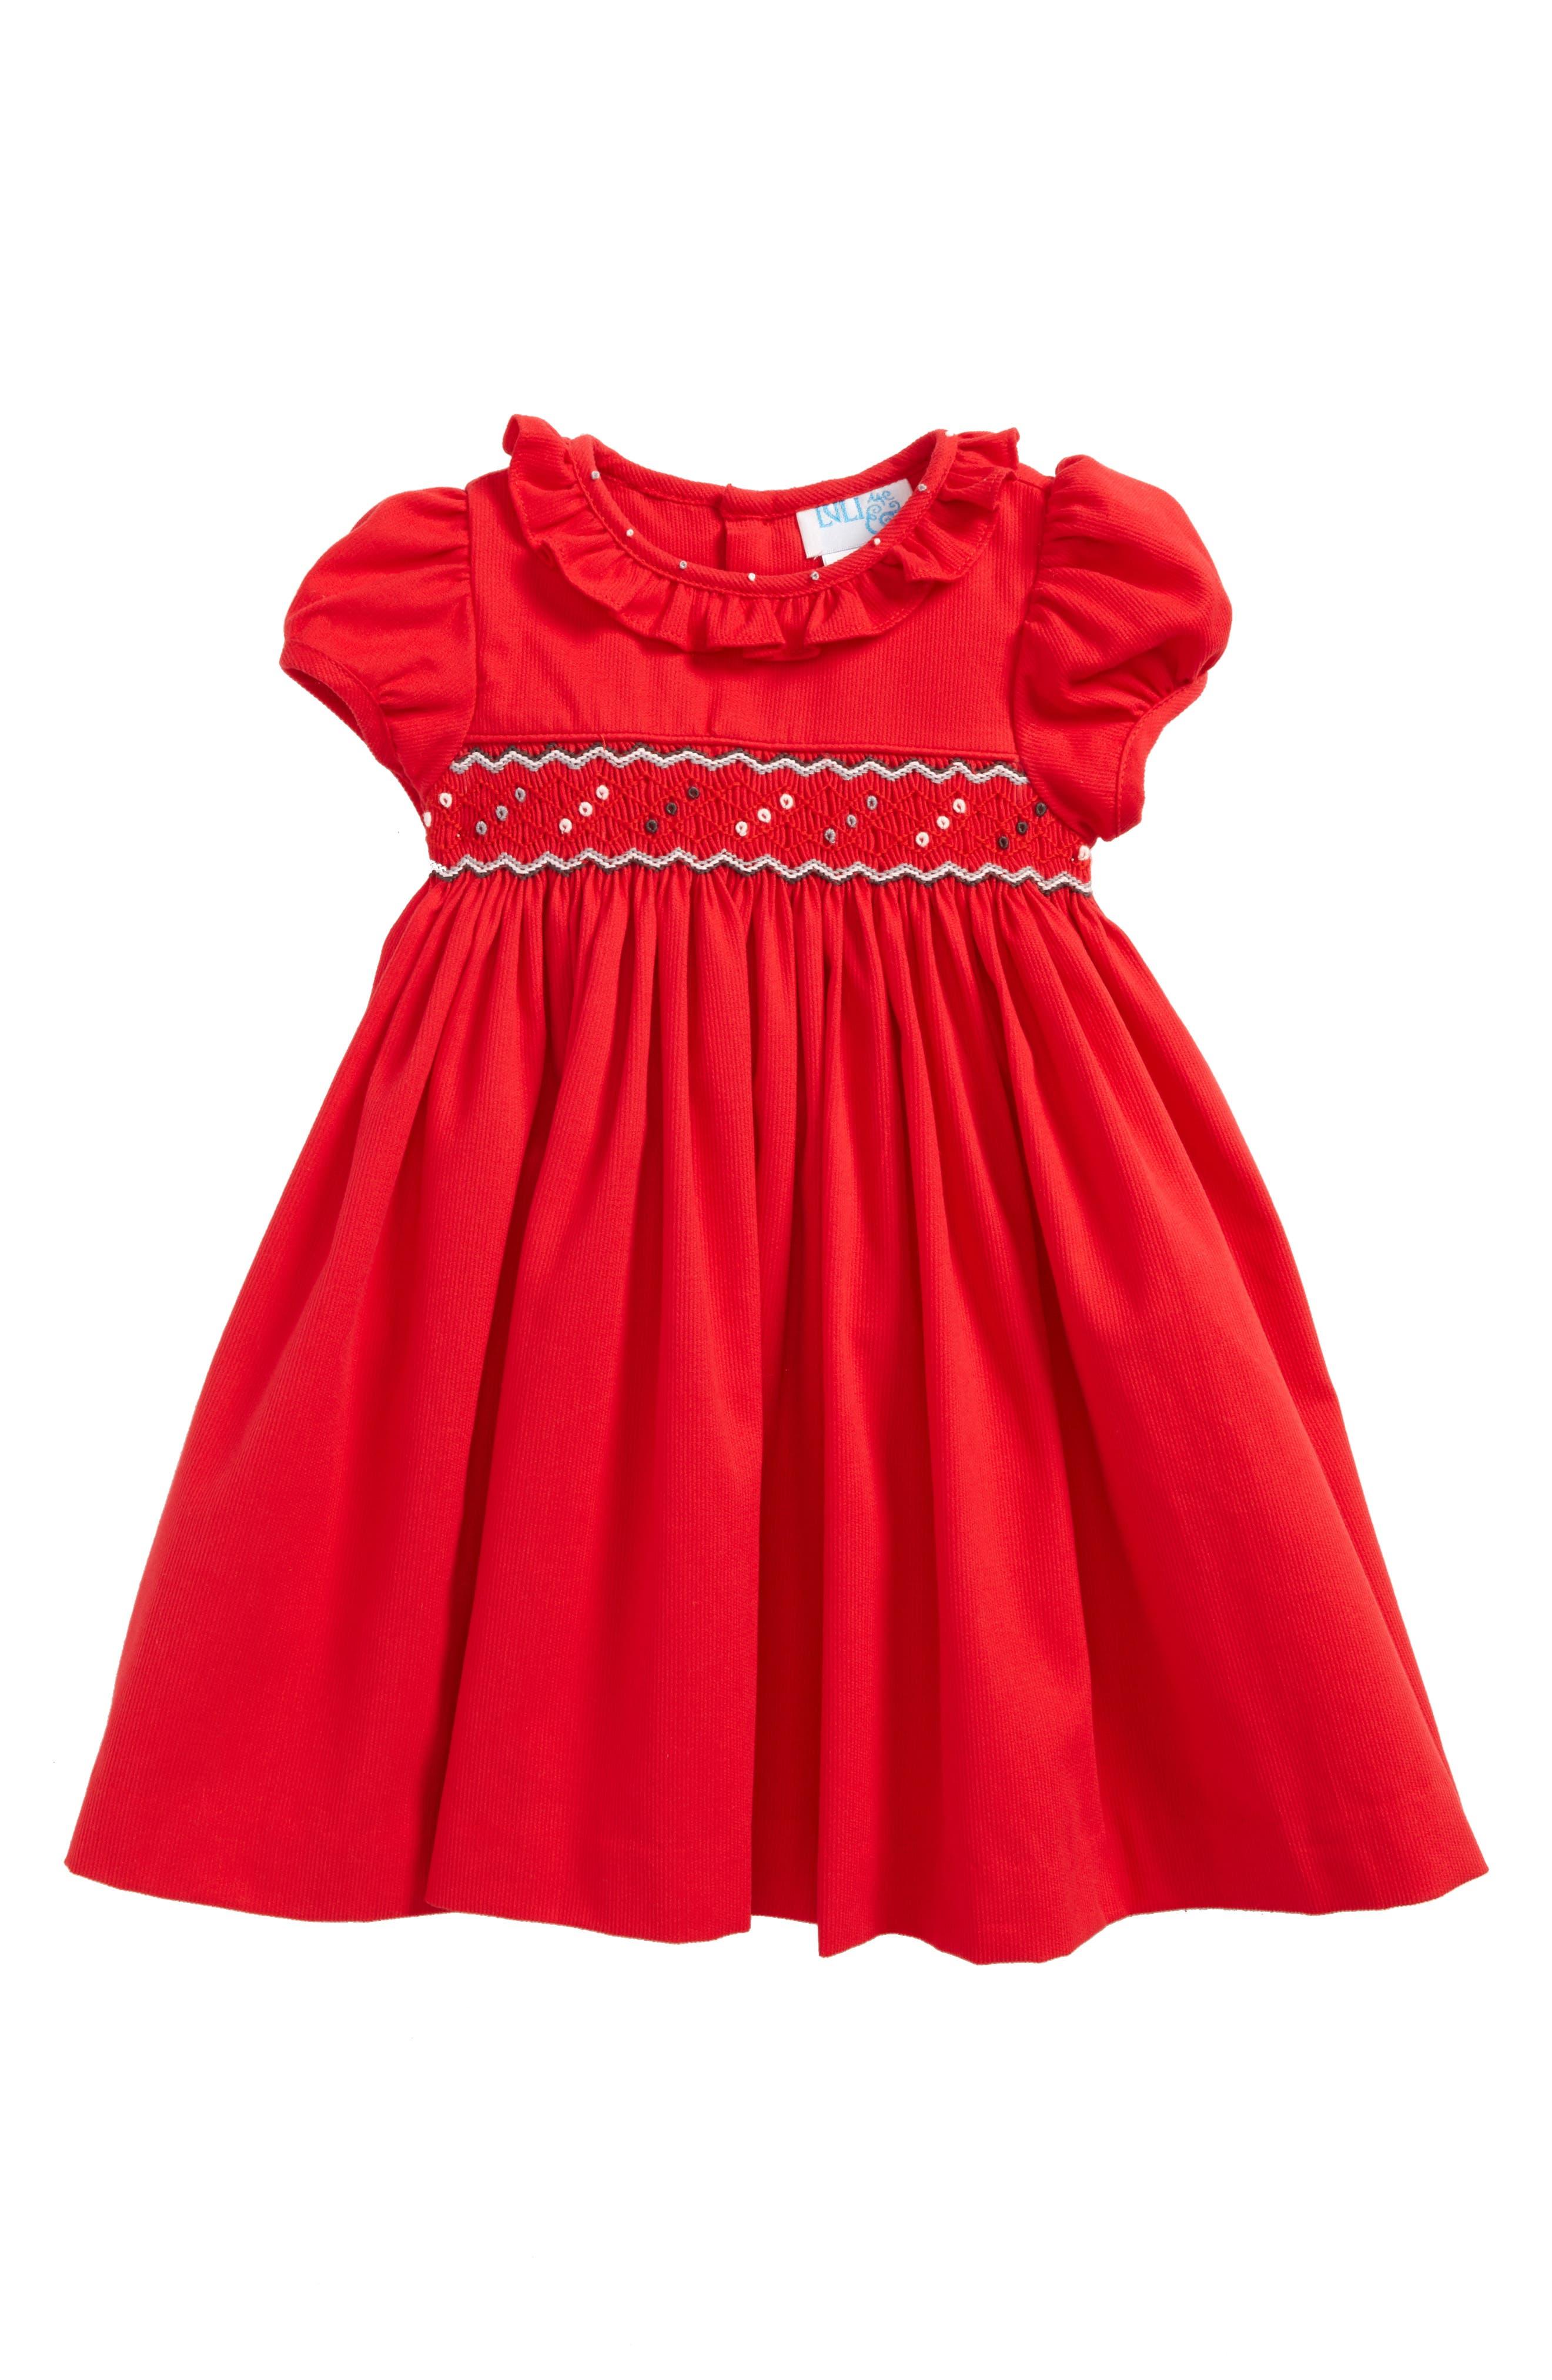 Smocked Dress,                             Main thumbnail 1, color,                             600